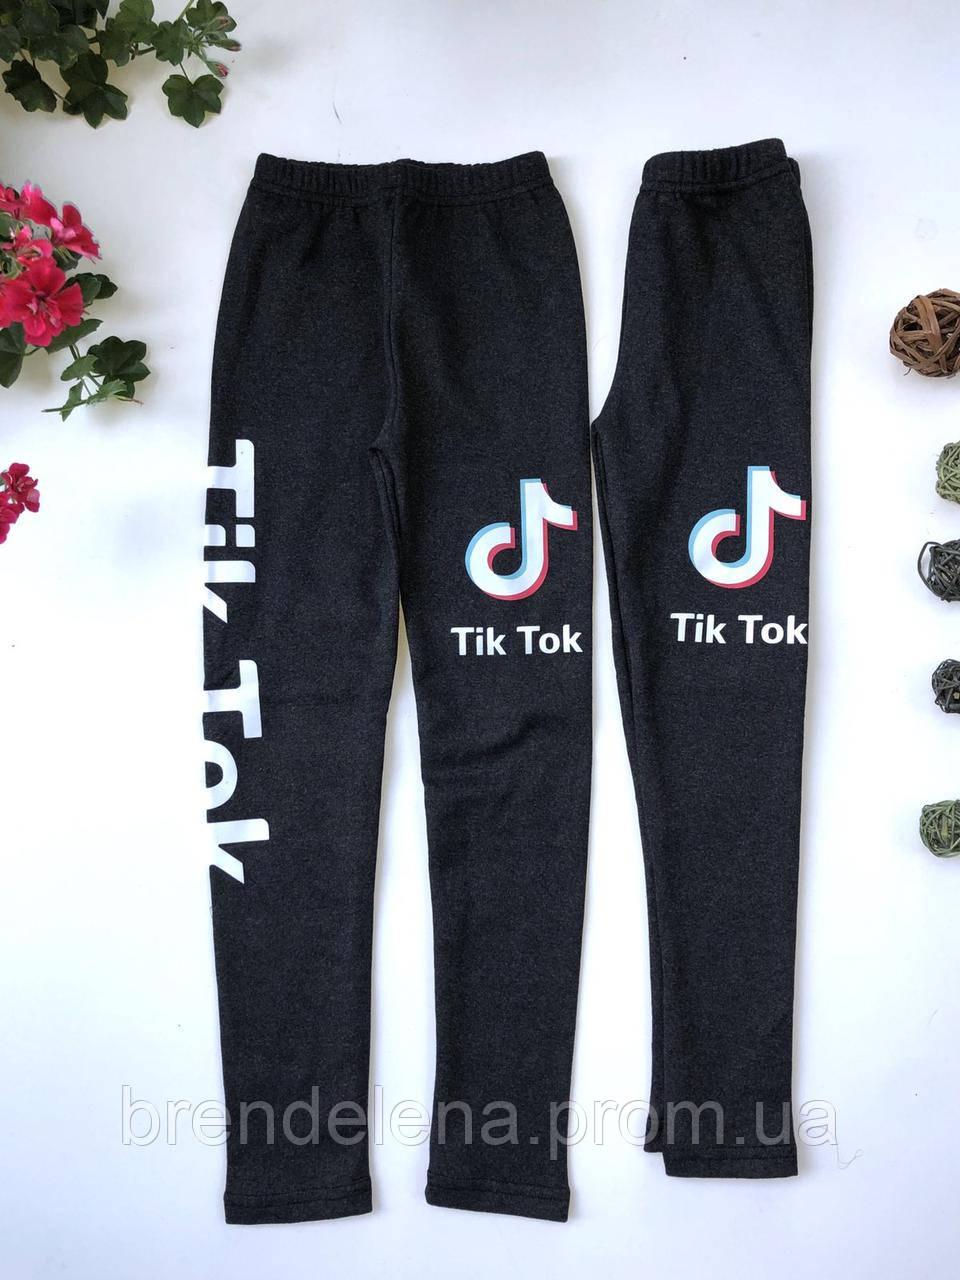 Лосины подростковые для девочек - Tik Tok (10-11лет) на байке